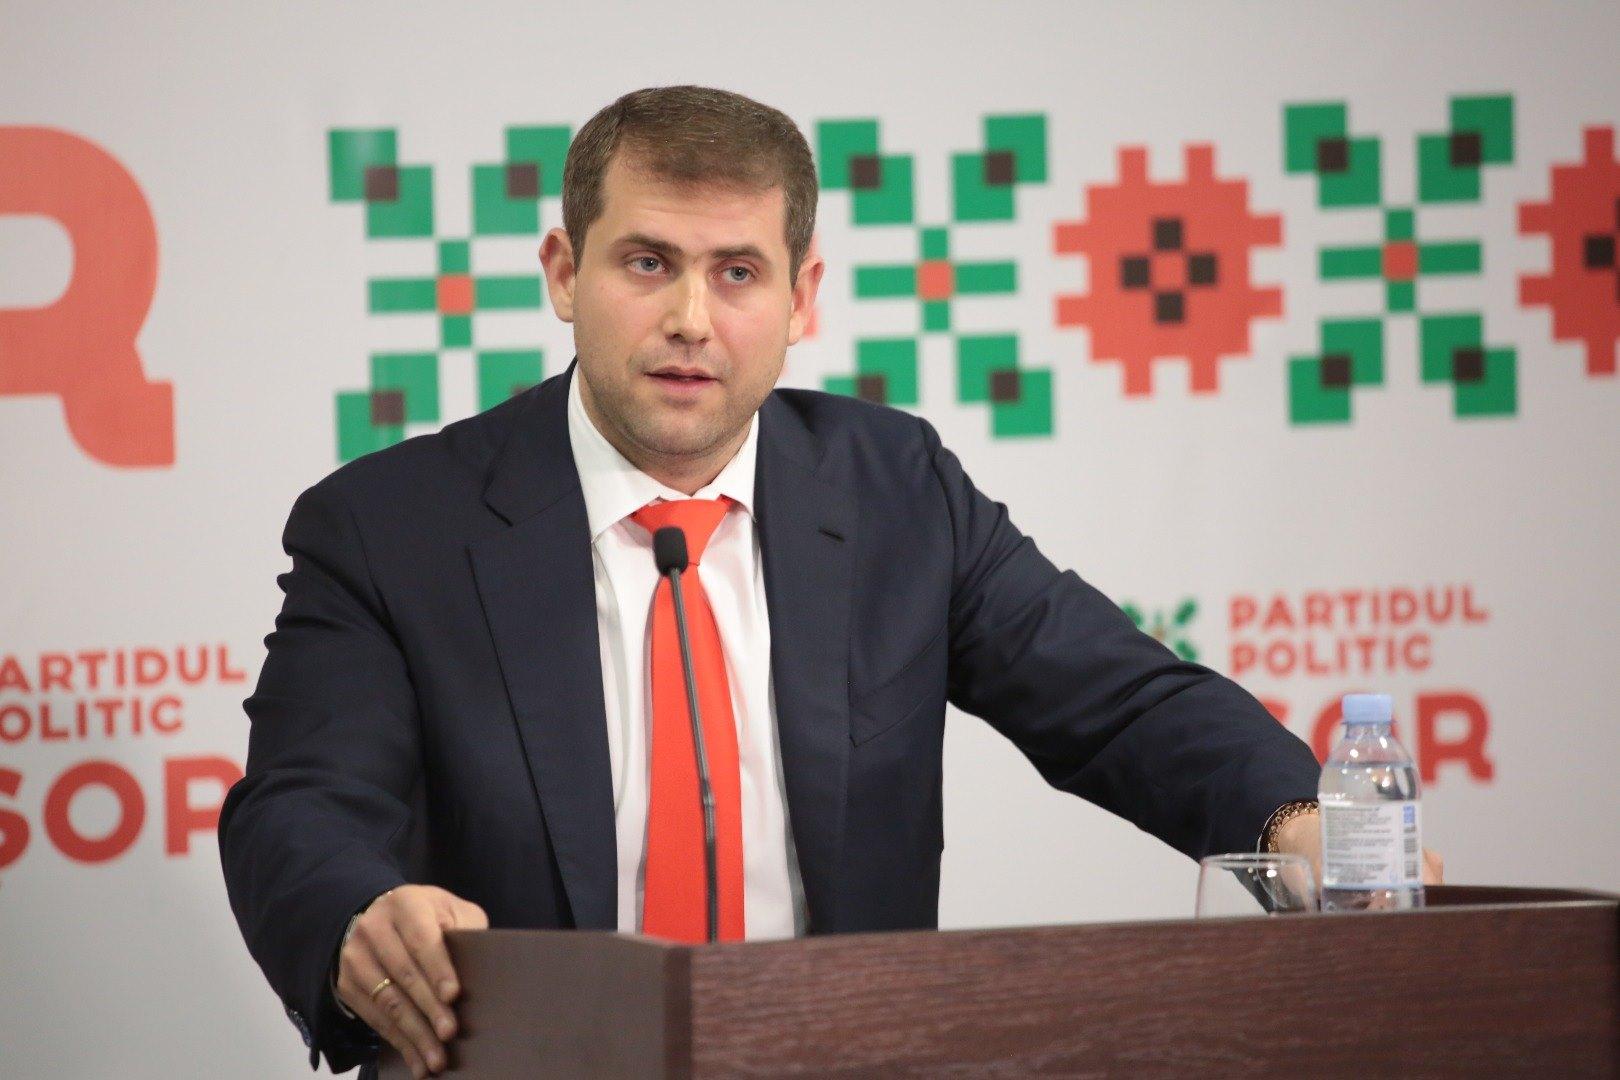 """Partidul """"ȘOR"""" cere alocarea imediată a câte 7500 de lei fiecărui cetățean afectat de criză"""